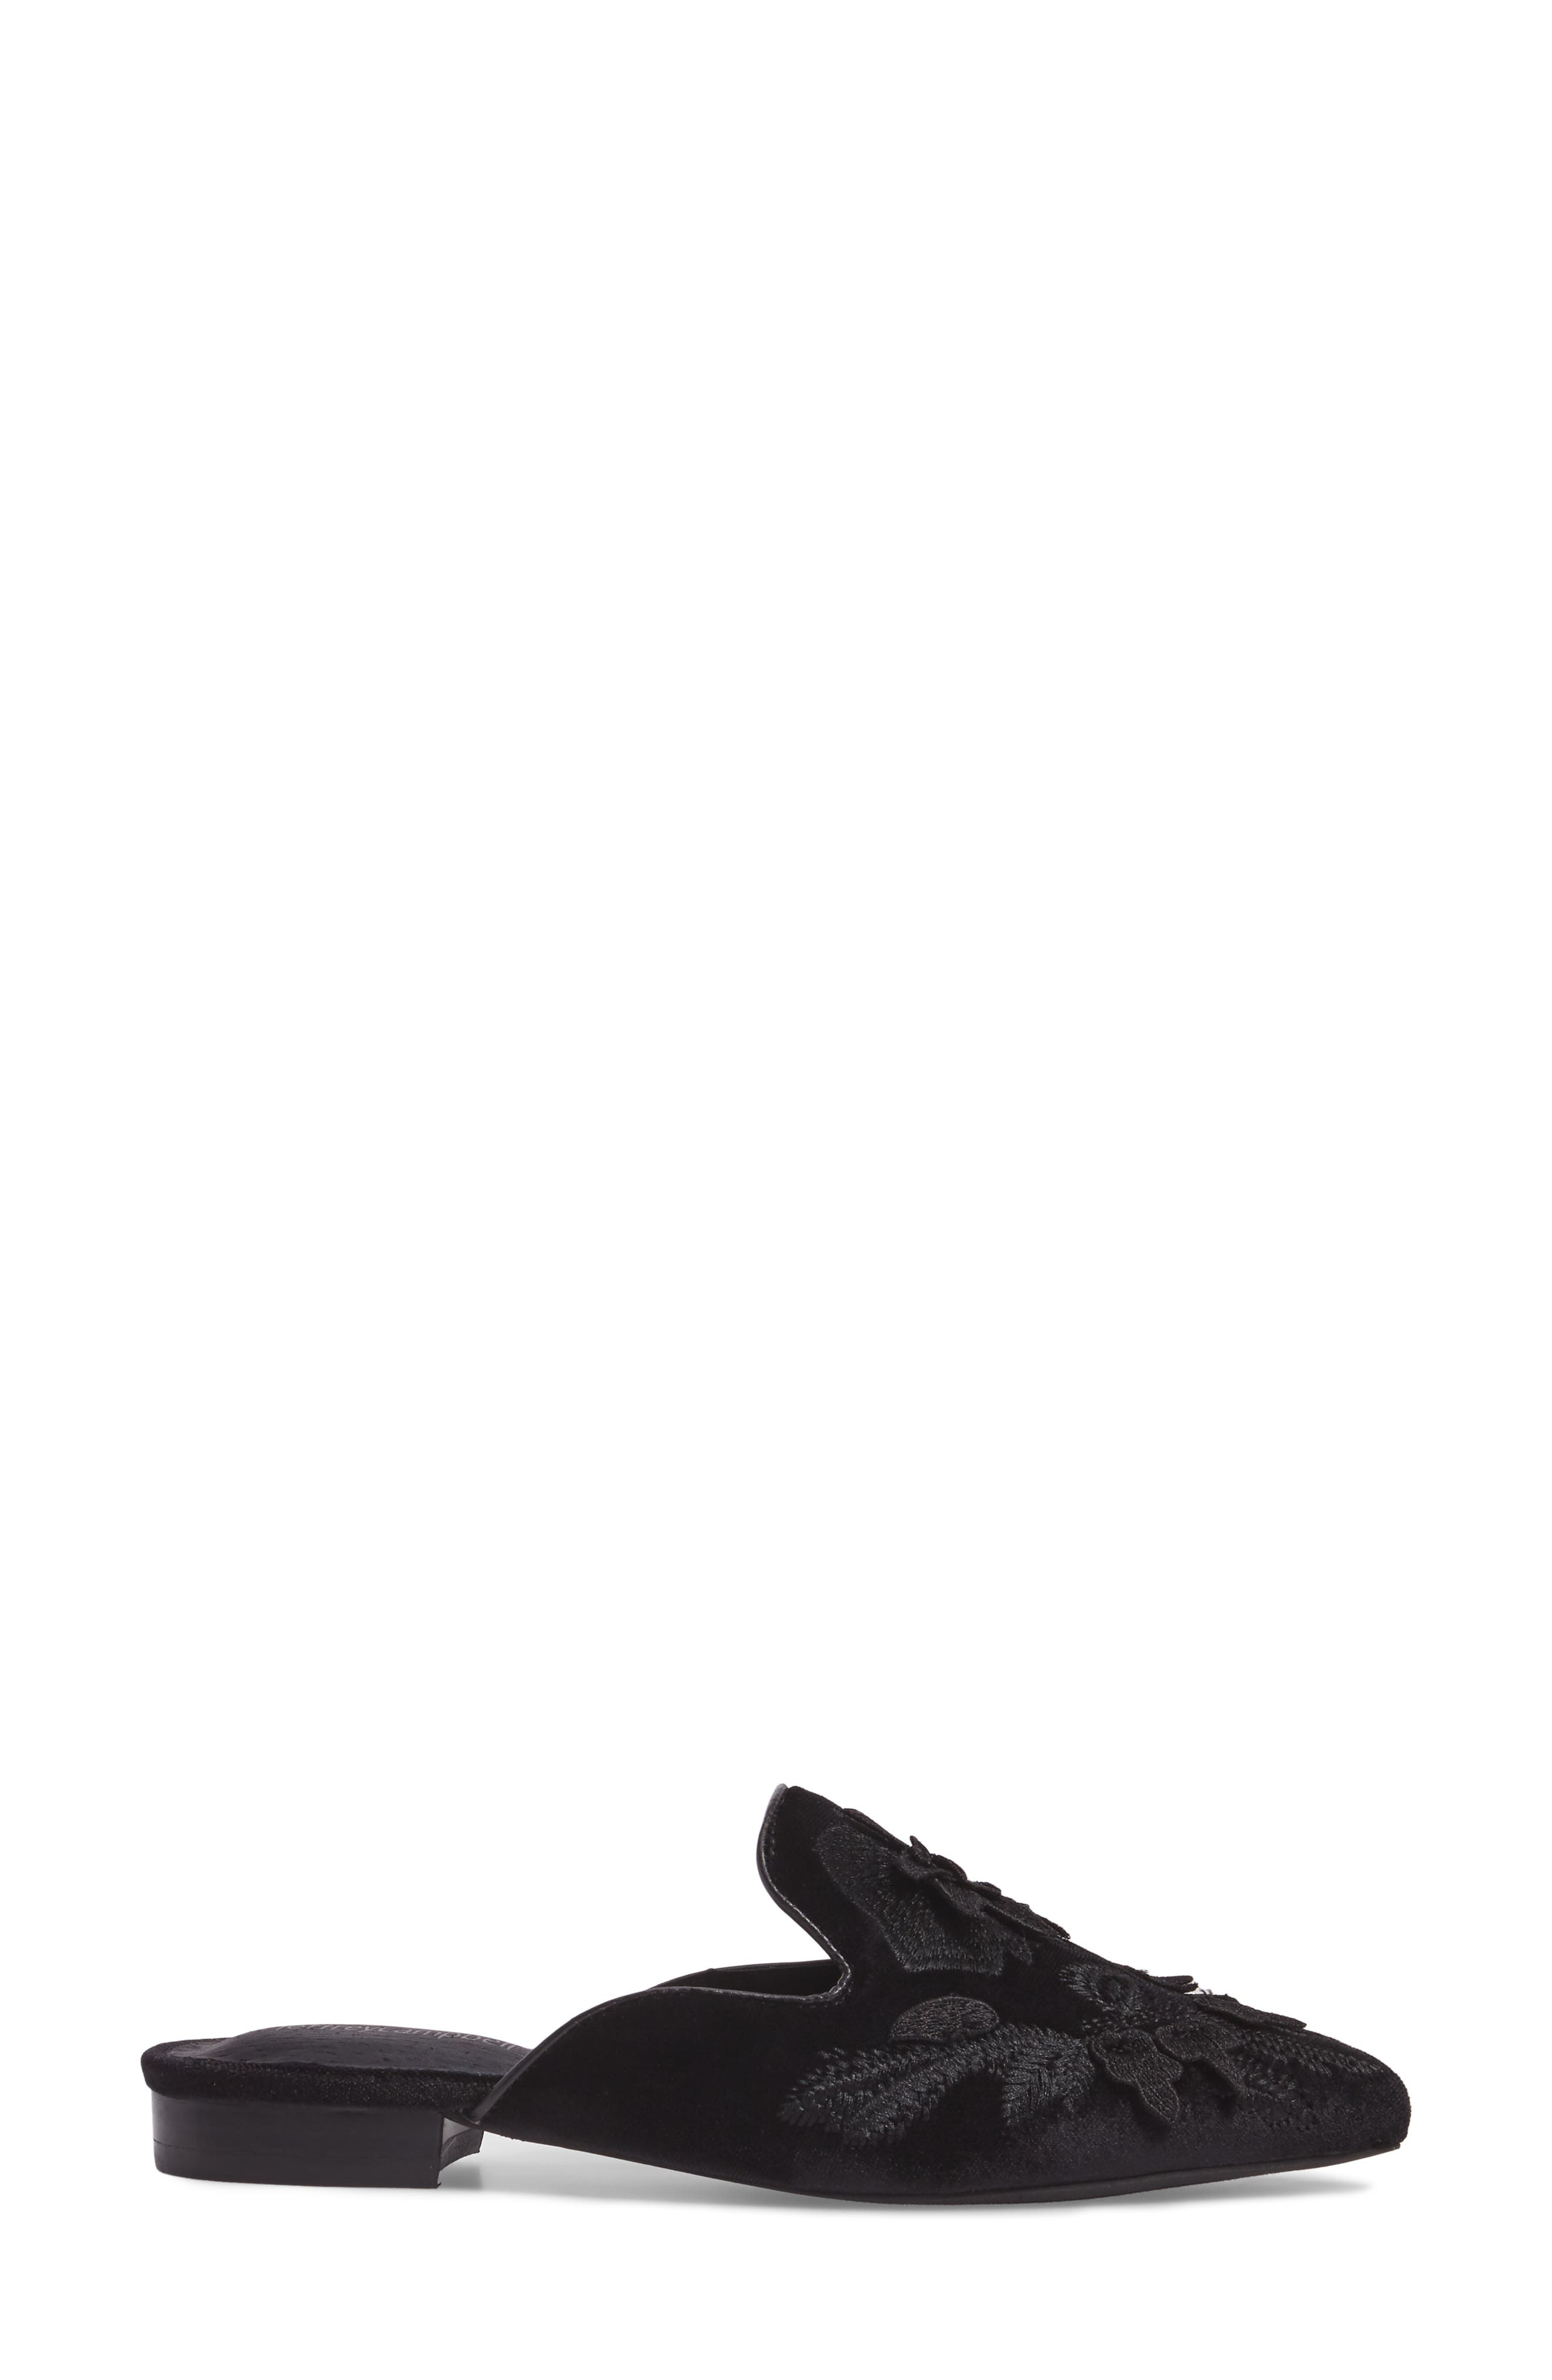 Claes Appliqué Loafer Mule,                             Alternate thumbnail 3, color,                             004